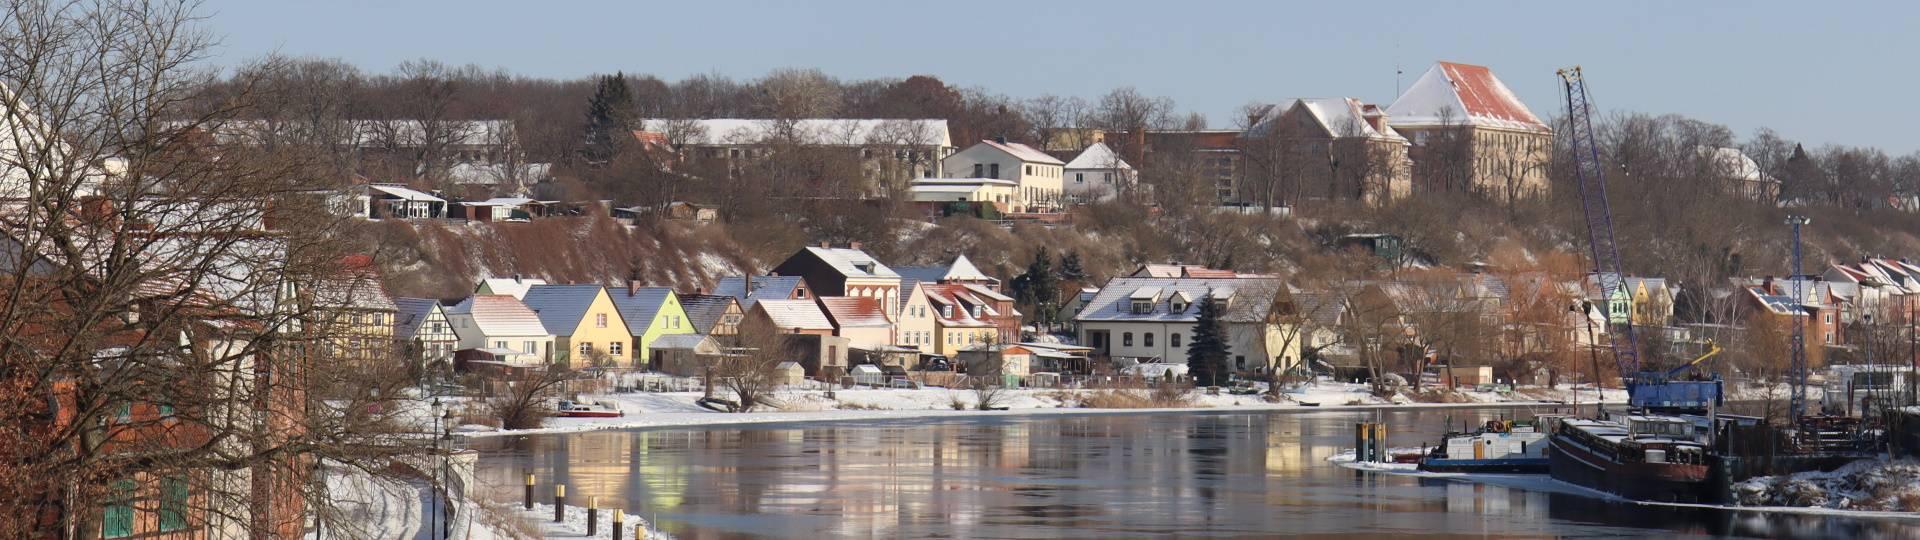 häuserzeile an der havel mit schiff bei werft winter ©Hansestadt Havelberg